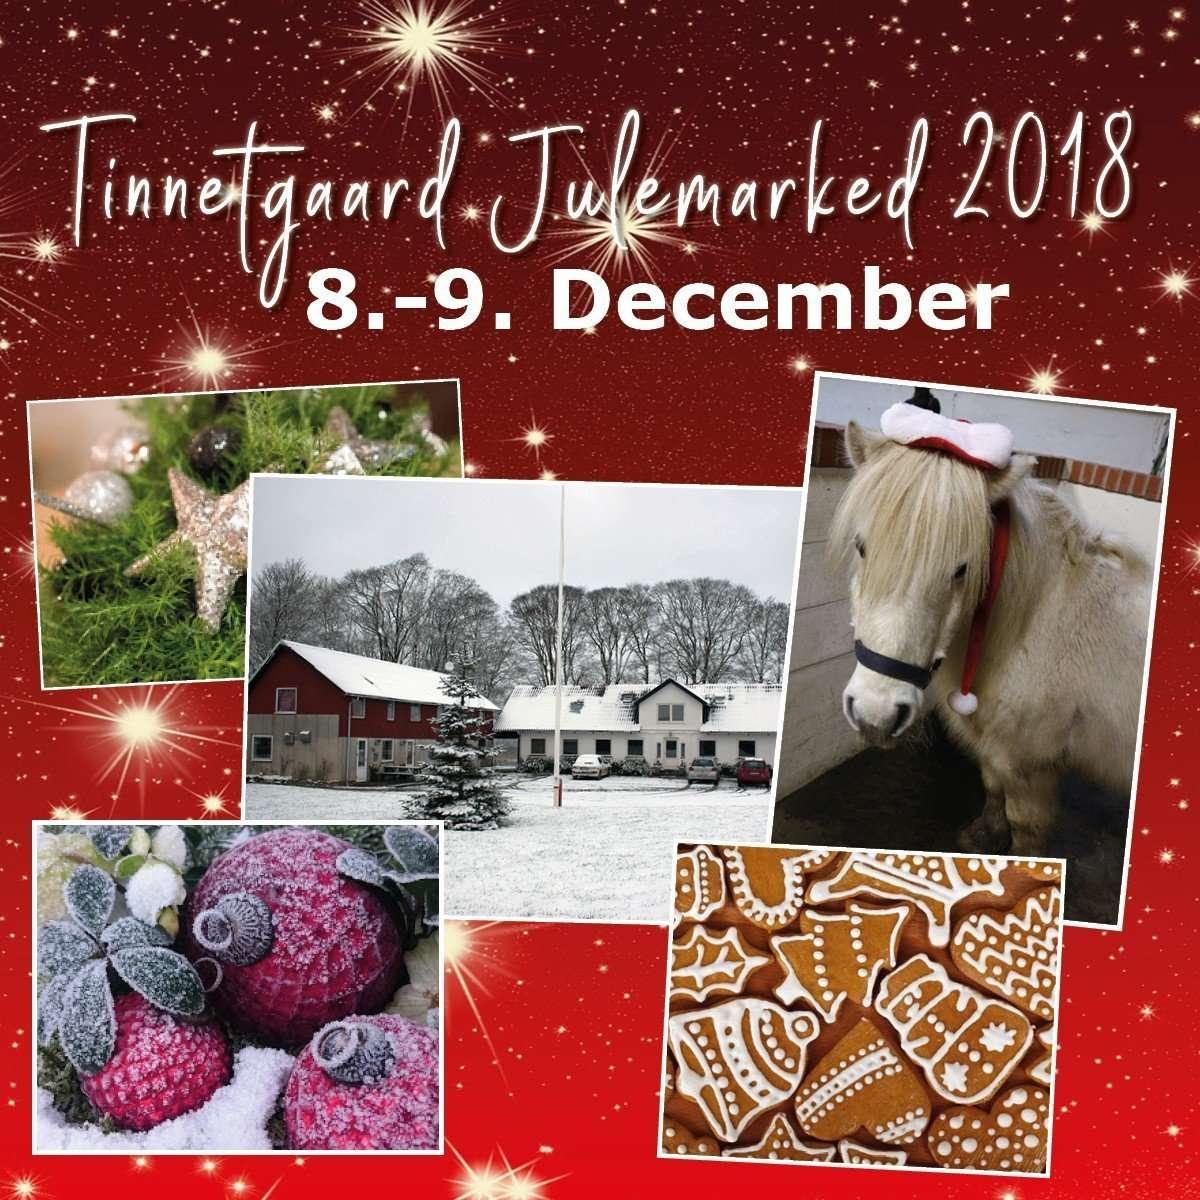 Kom til julemarked på Tinnetgaard 8.-9. December